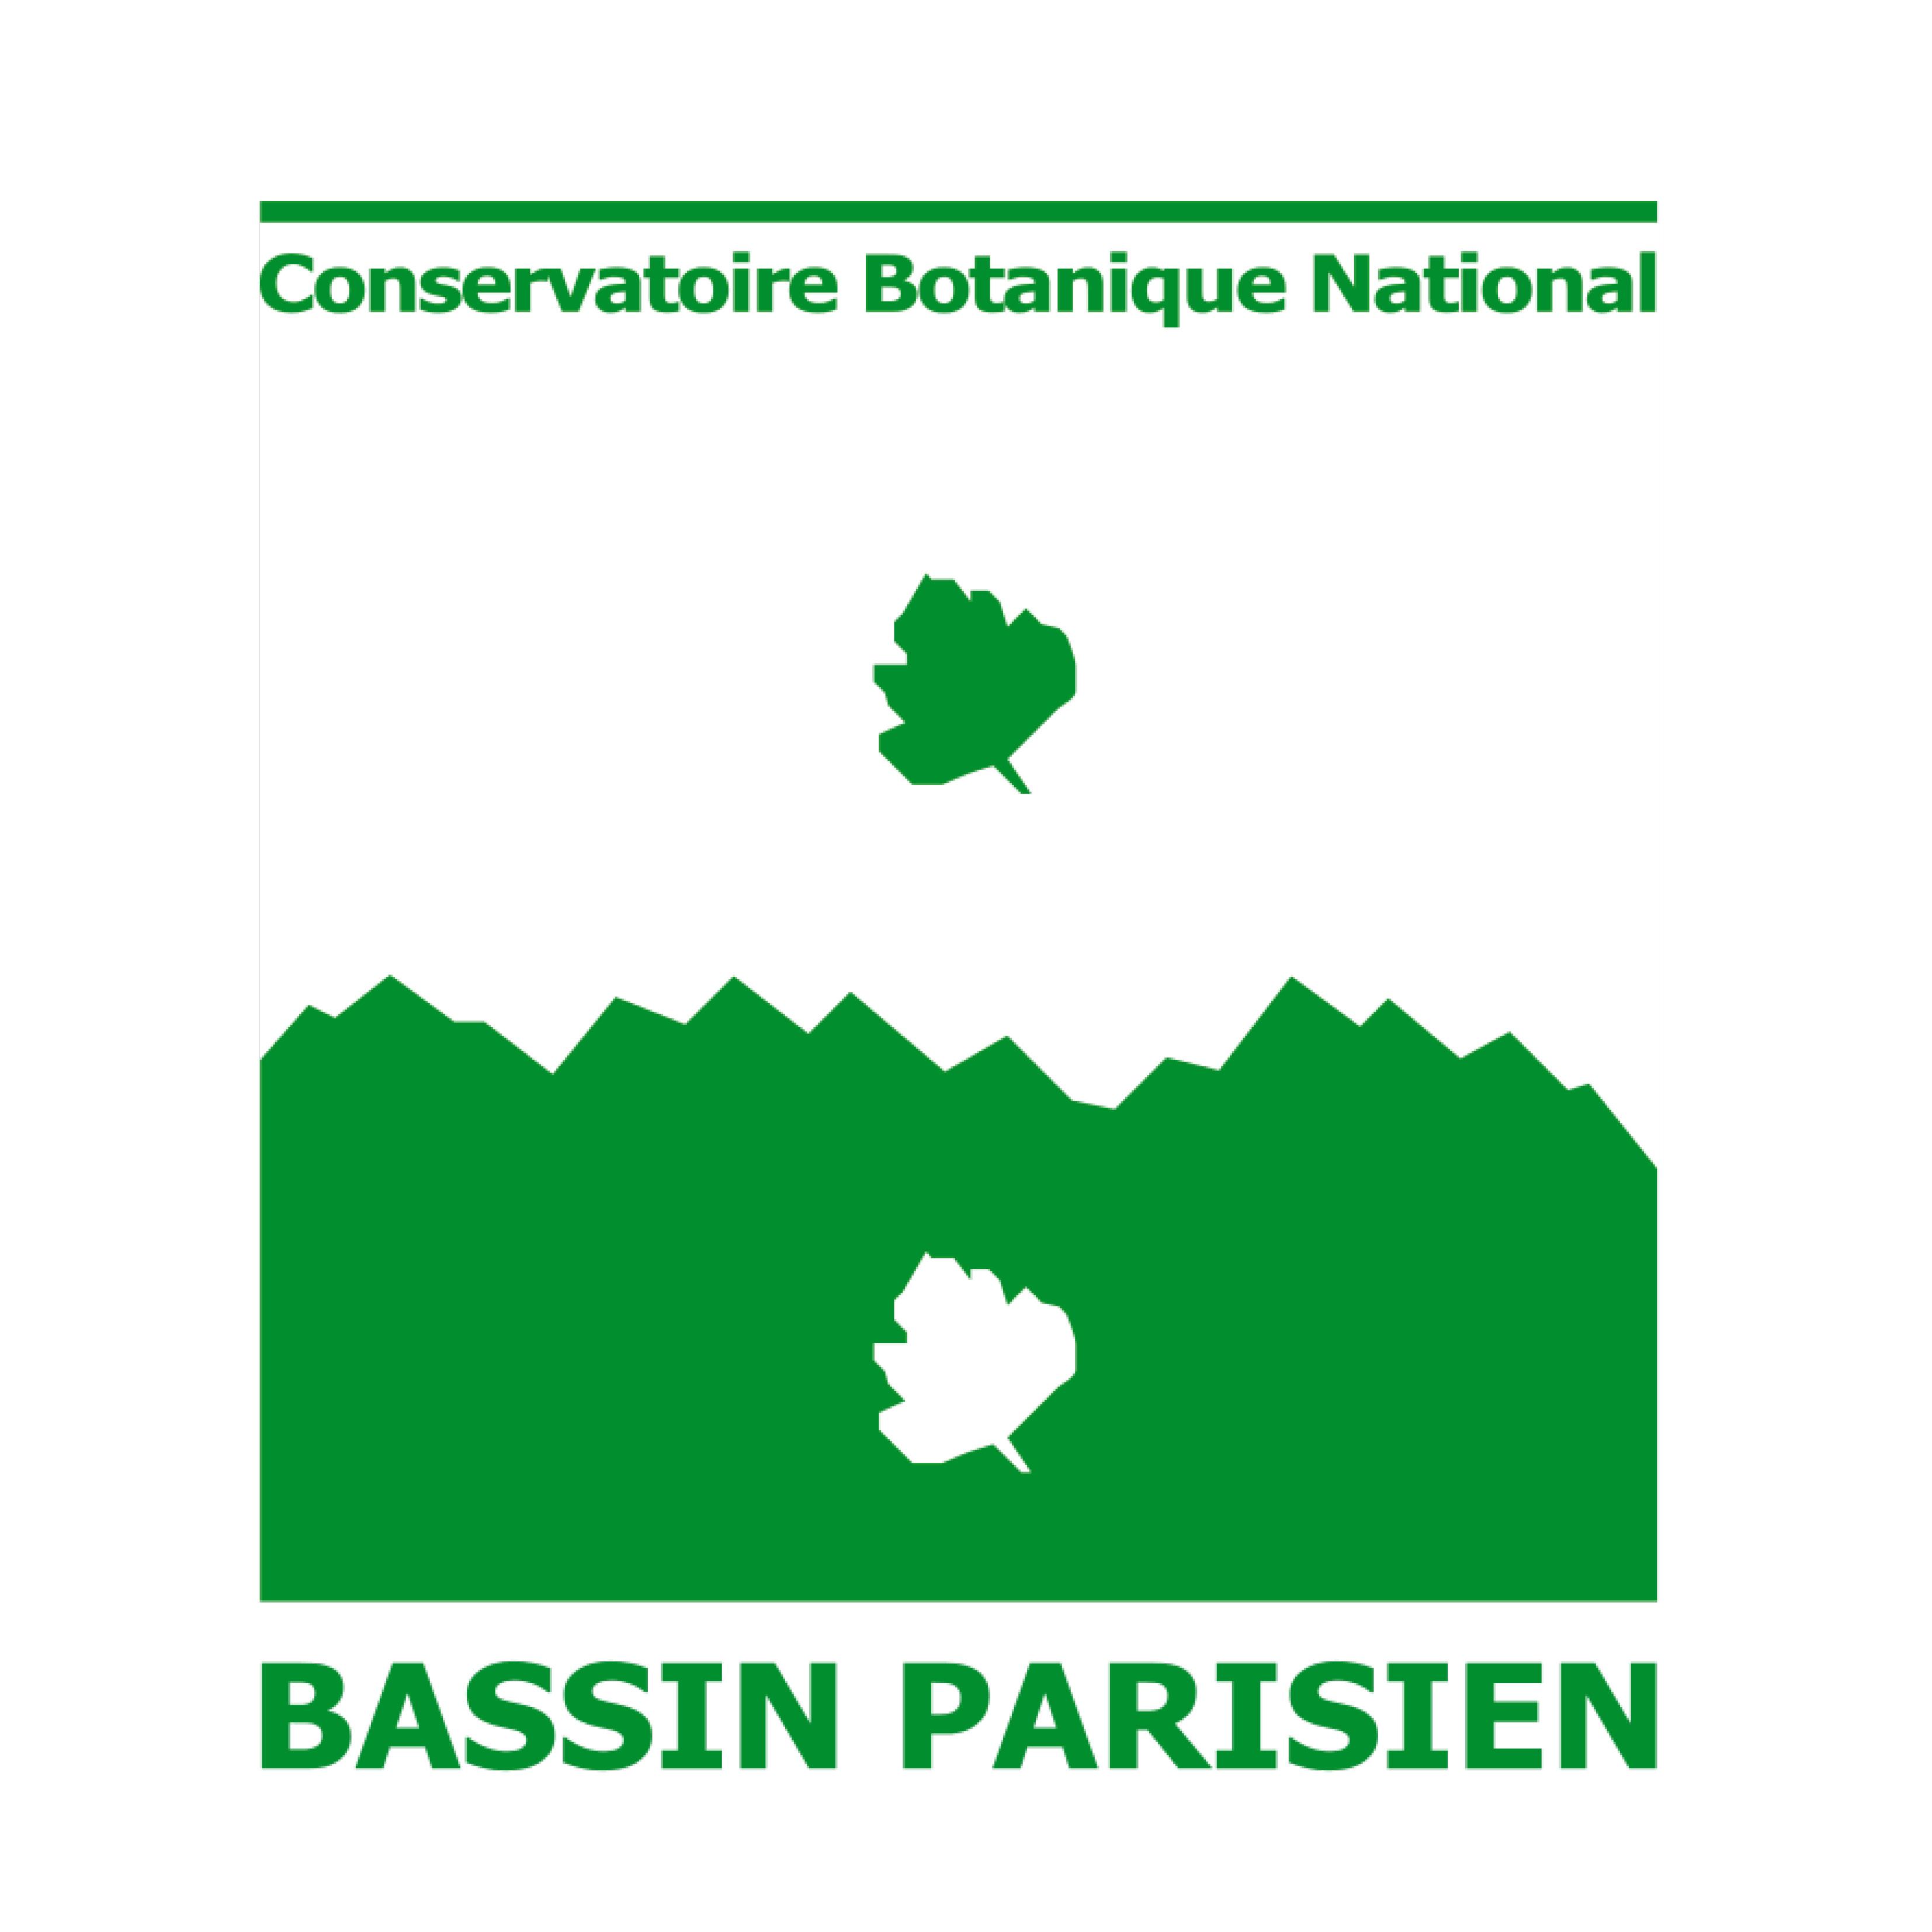 Conservatoire Botanique National Bassin Parisien (CBNBP)